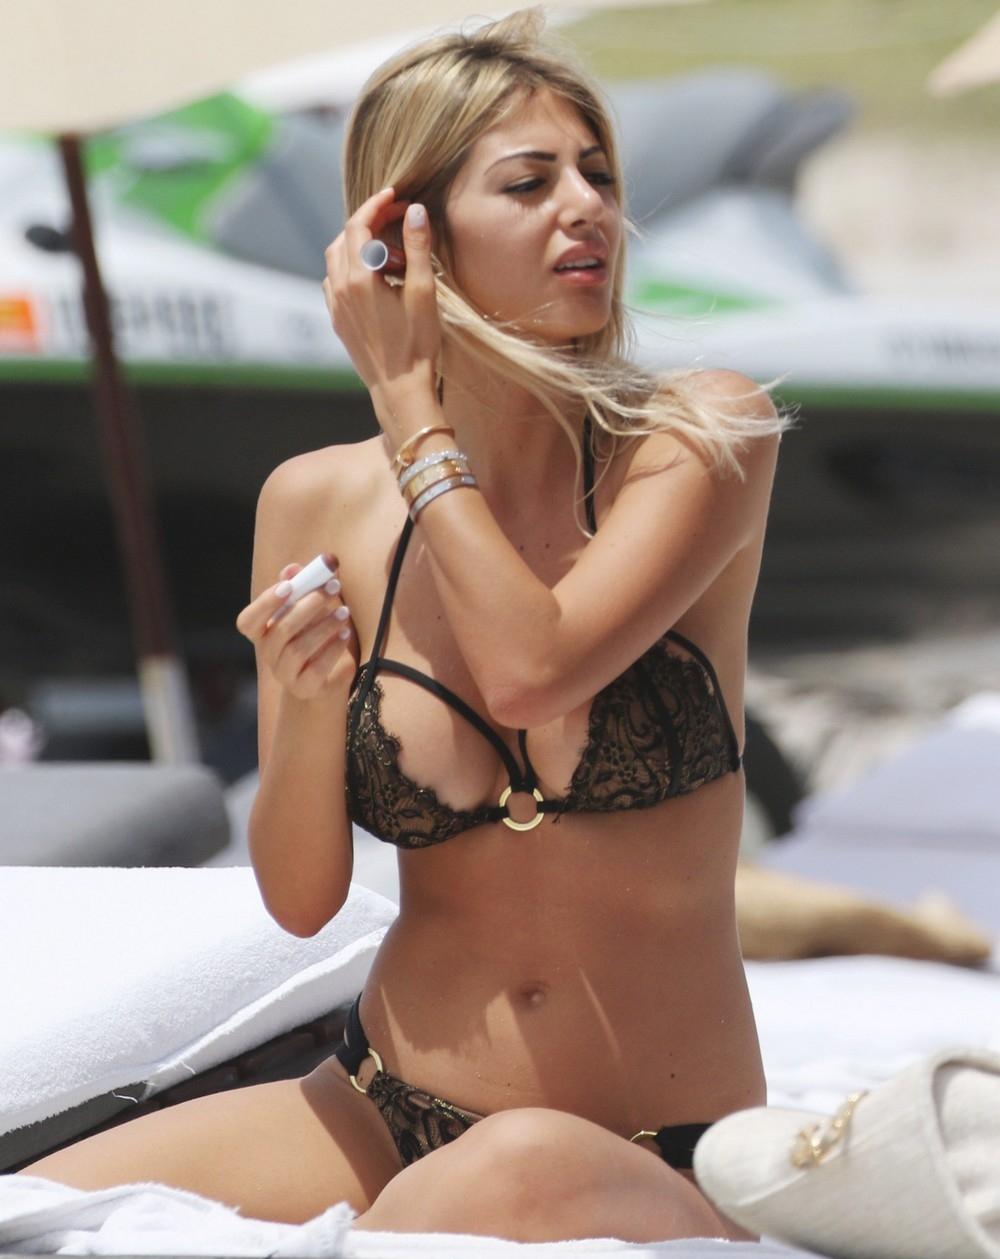 Мелисса Кастаньоли (Melissa Castagnoli) на пляже